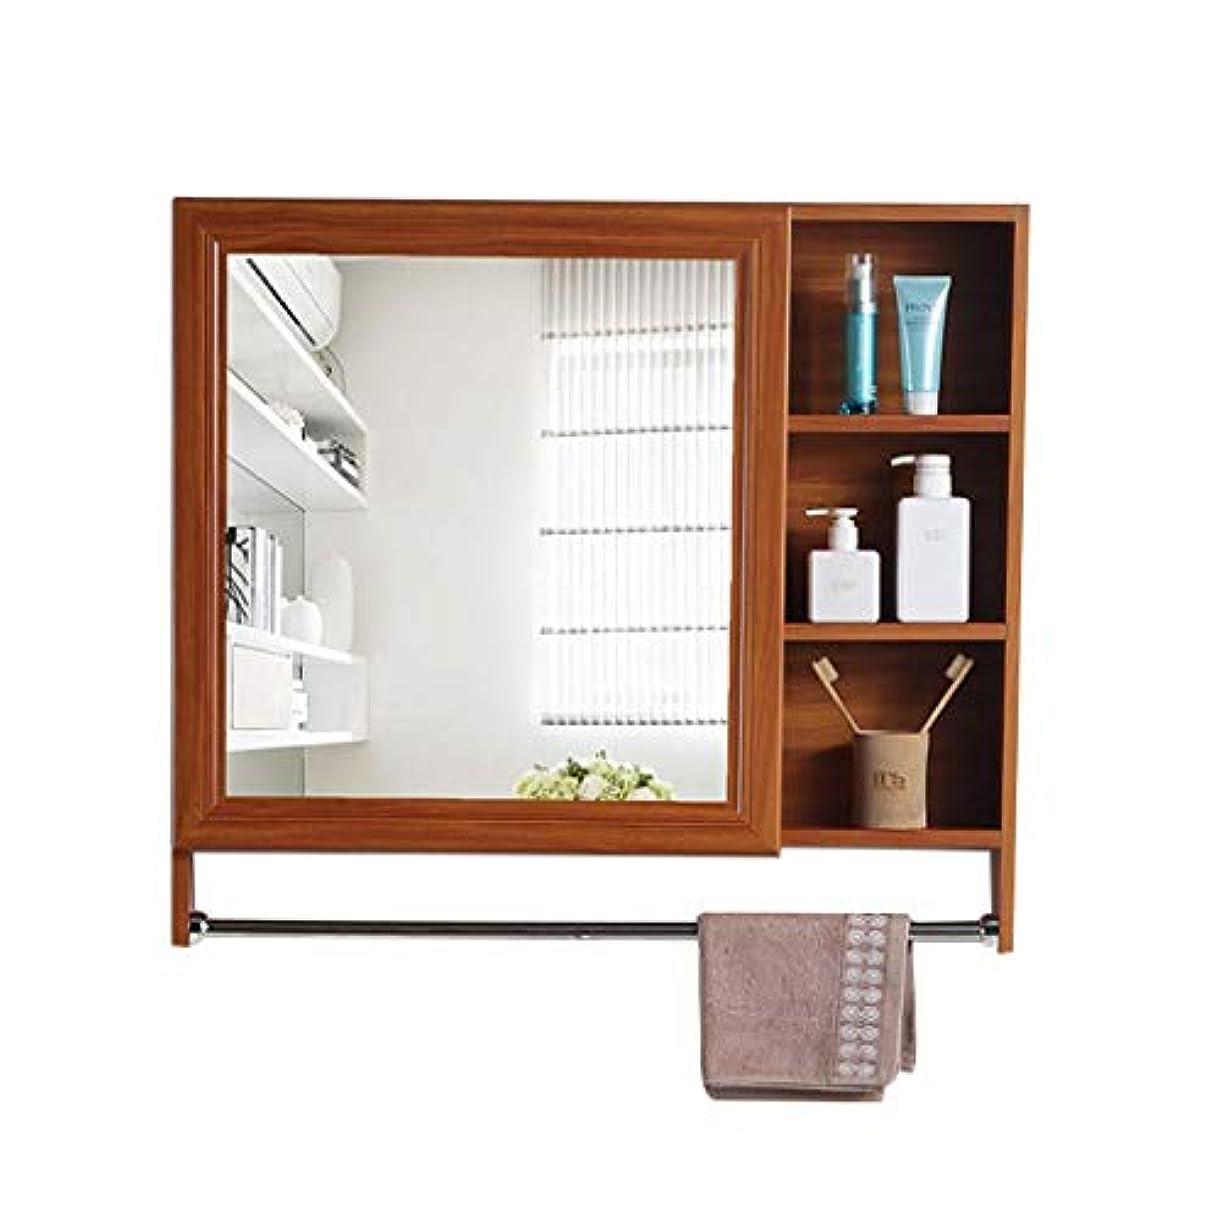 適応ガラス失礼虚栄心のミラーおよびタオル掛けが付いている壁に取り付けられた浴室ミラーのキャビネットアルミニウム防水収納キャビネット